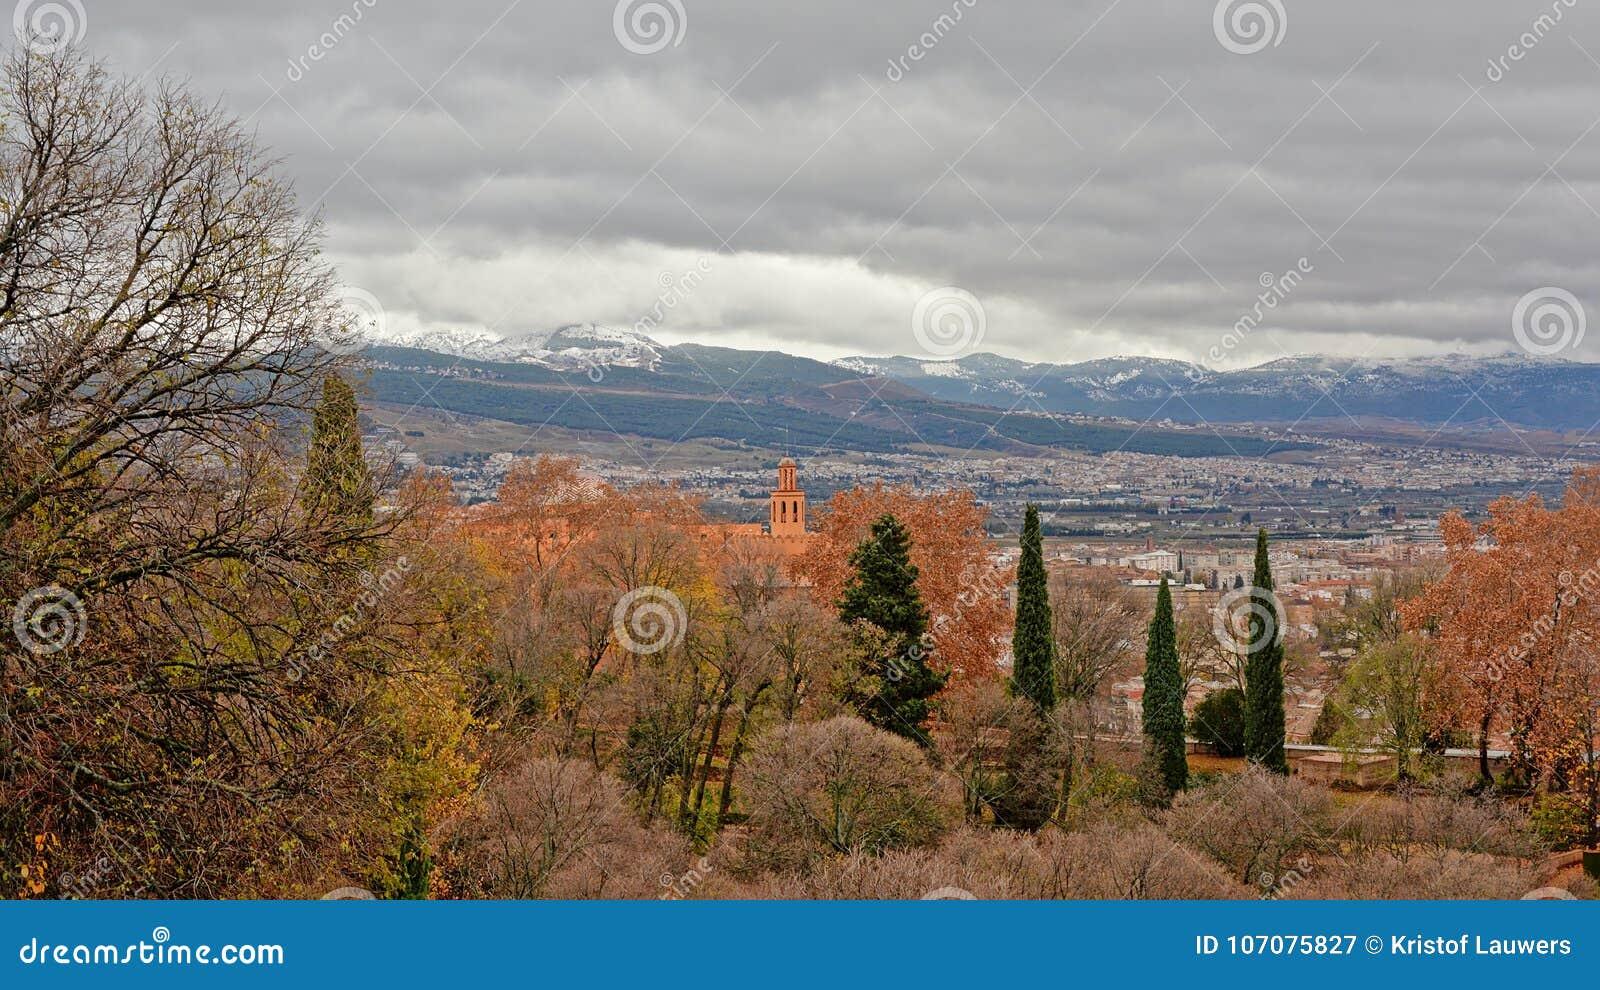 La Vue Sur Des Jardins De Generalife Grenade Et Les Chapeaux De Neige Des Montagnes De Sierra Nevada Des Murs D Alhambra Se Retr Image Stock Image Du Alhambra Generalife 107075827